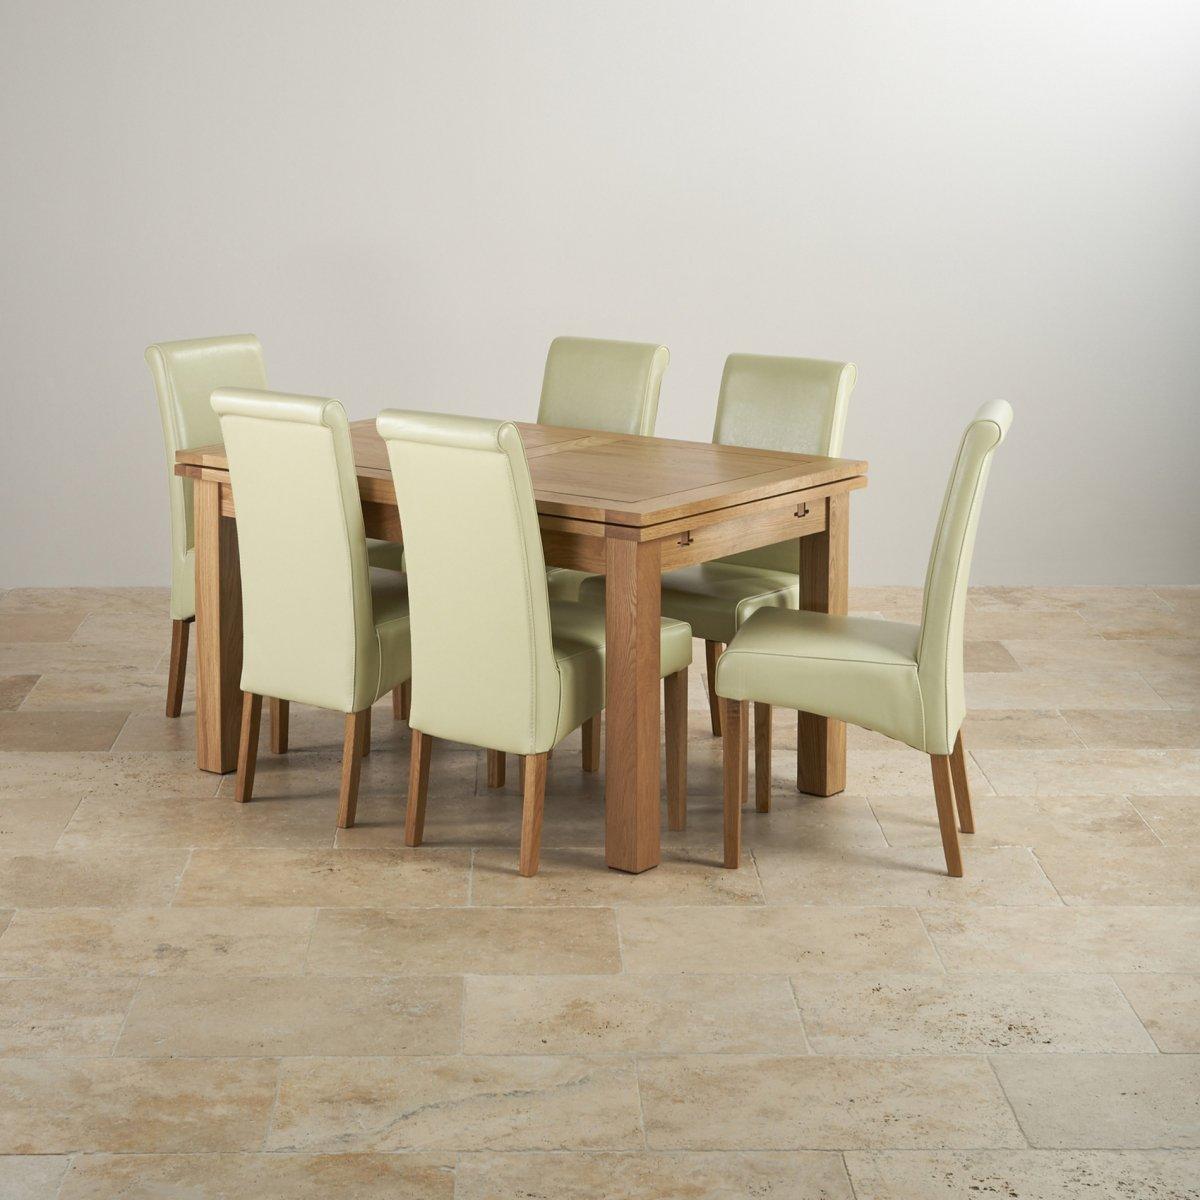 Dorset 45ft x 3ft Extending Oak Dining